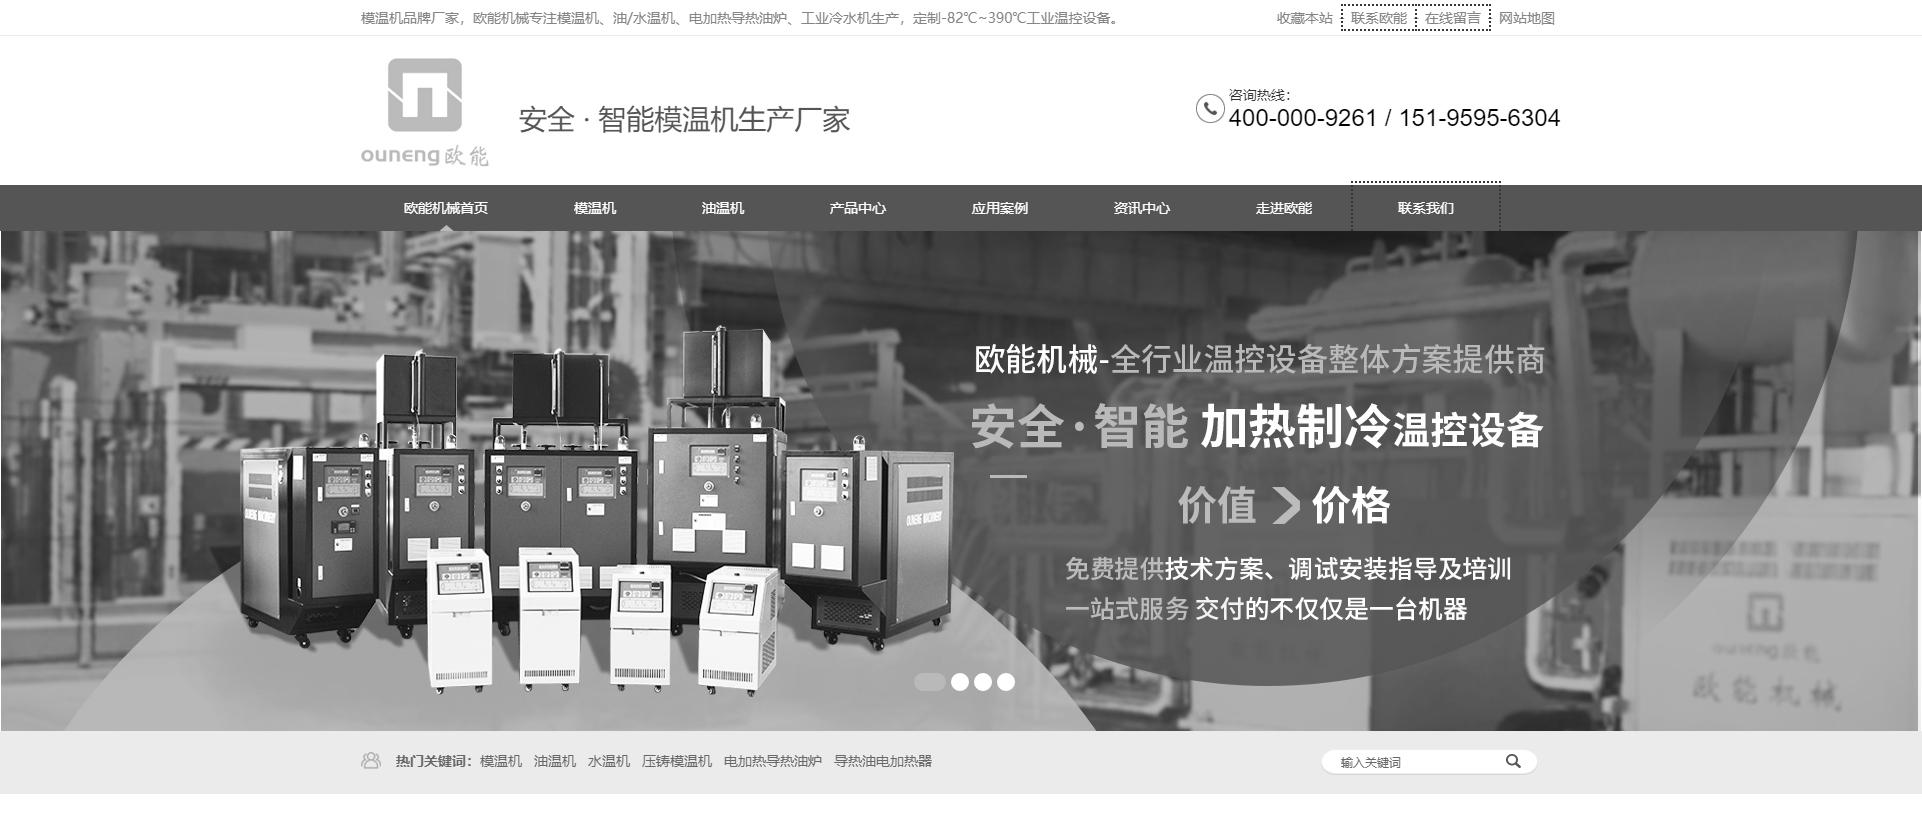 永远缅怀,致敬重生!欧能机械以黑白网站纪念汶川地震13周年!